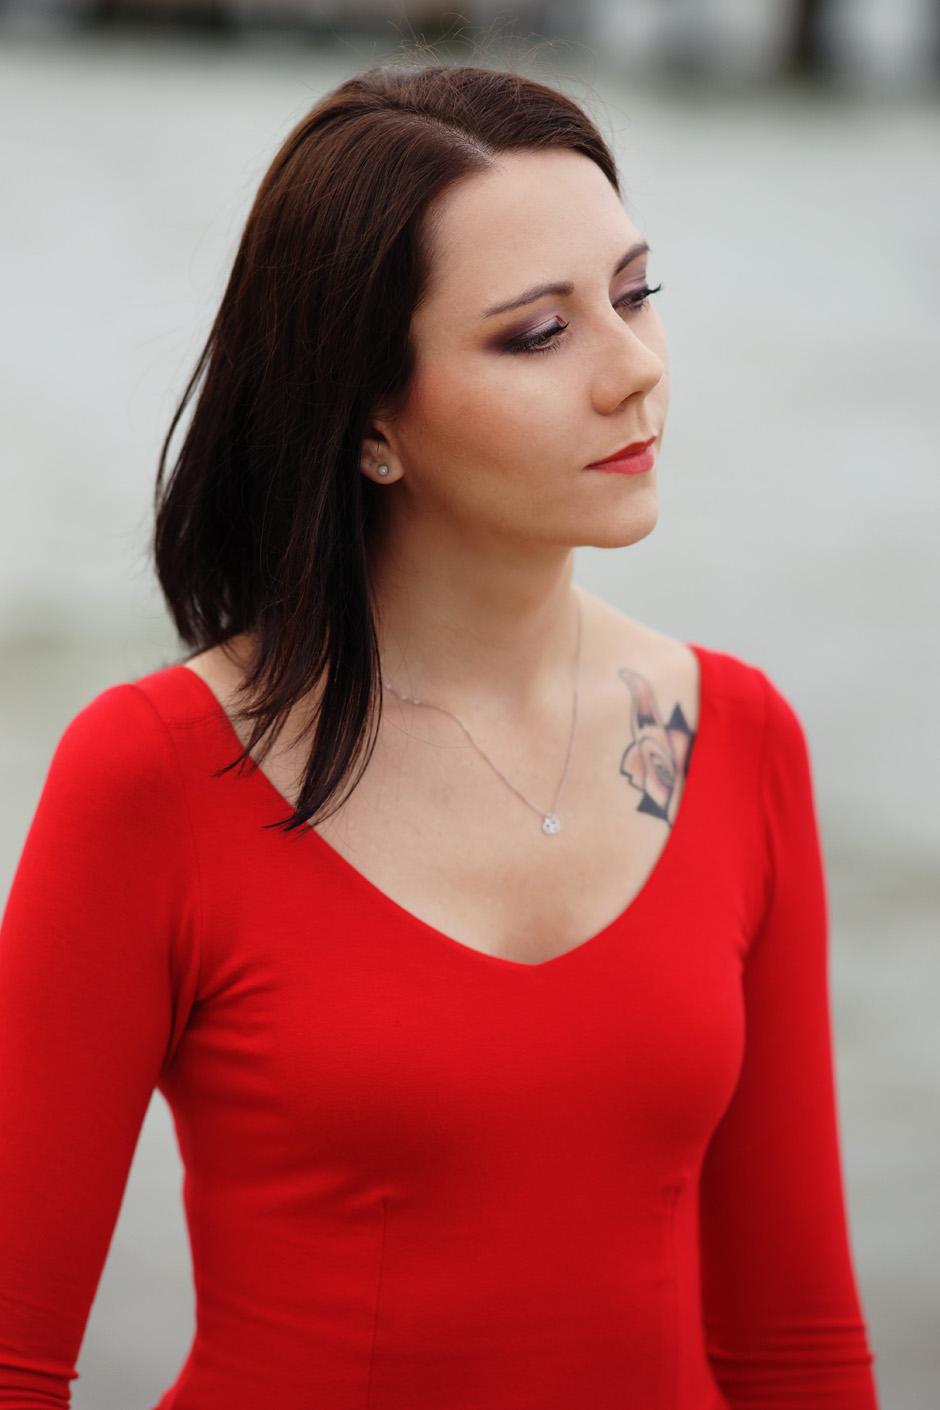 sukienka czerwona risk made in warsaw gotowa na wszystko, pudrowo różowe zaxy (1)